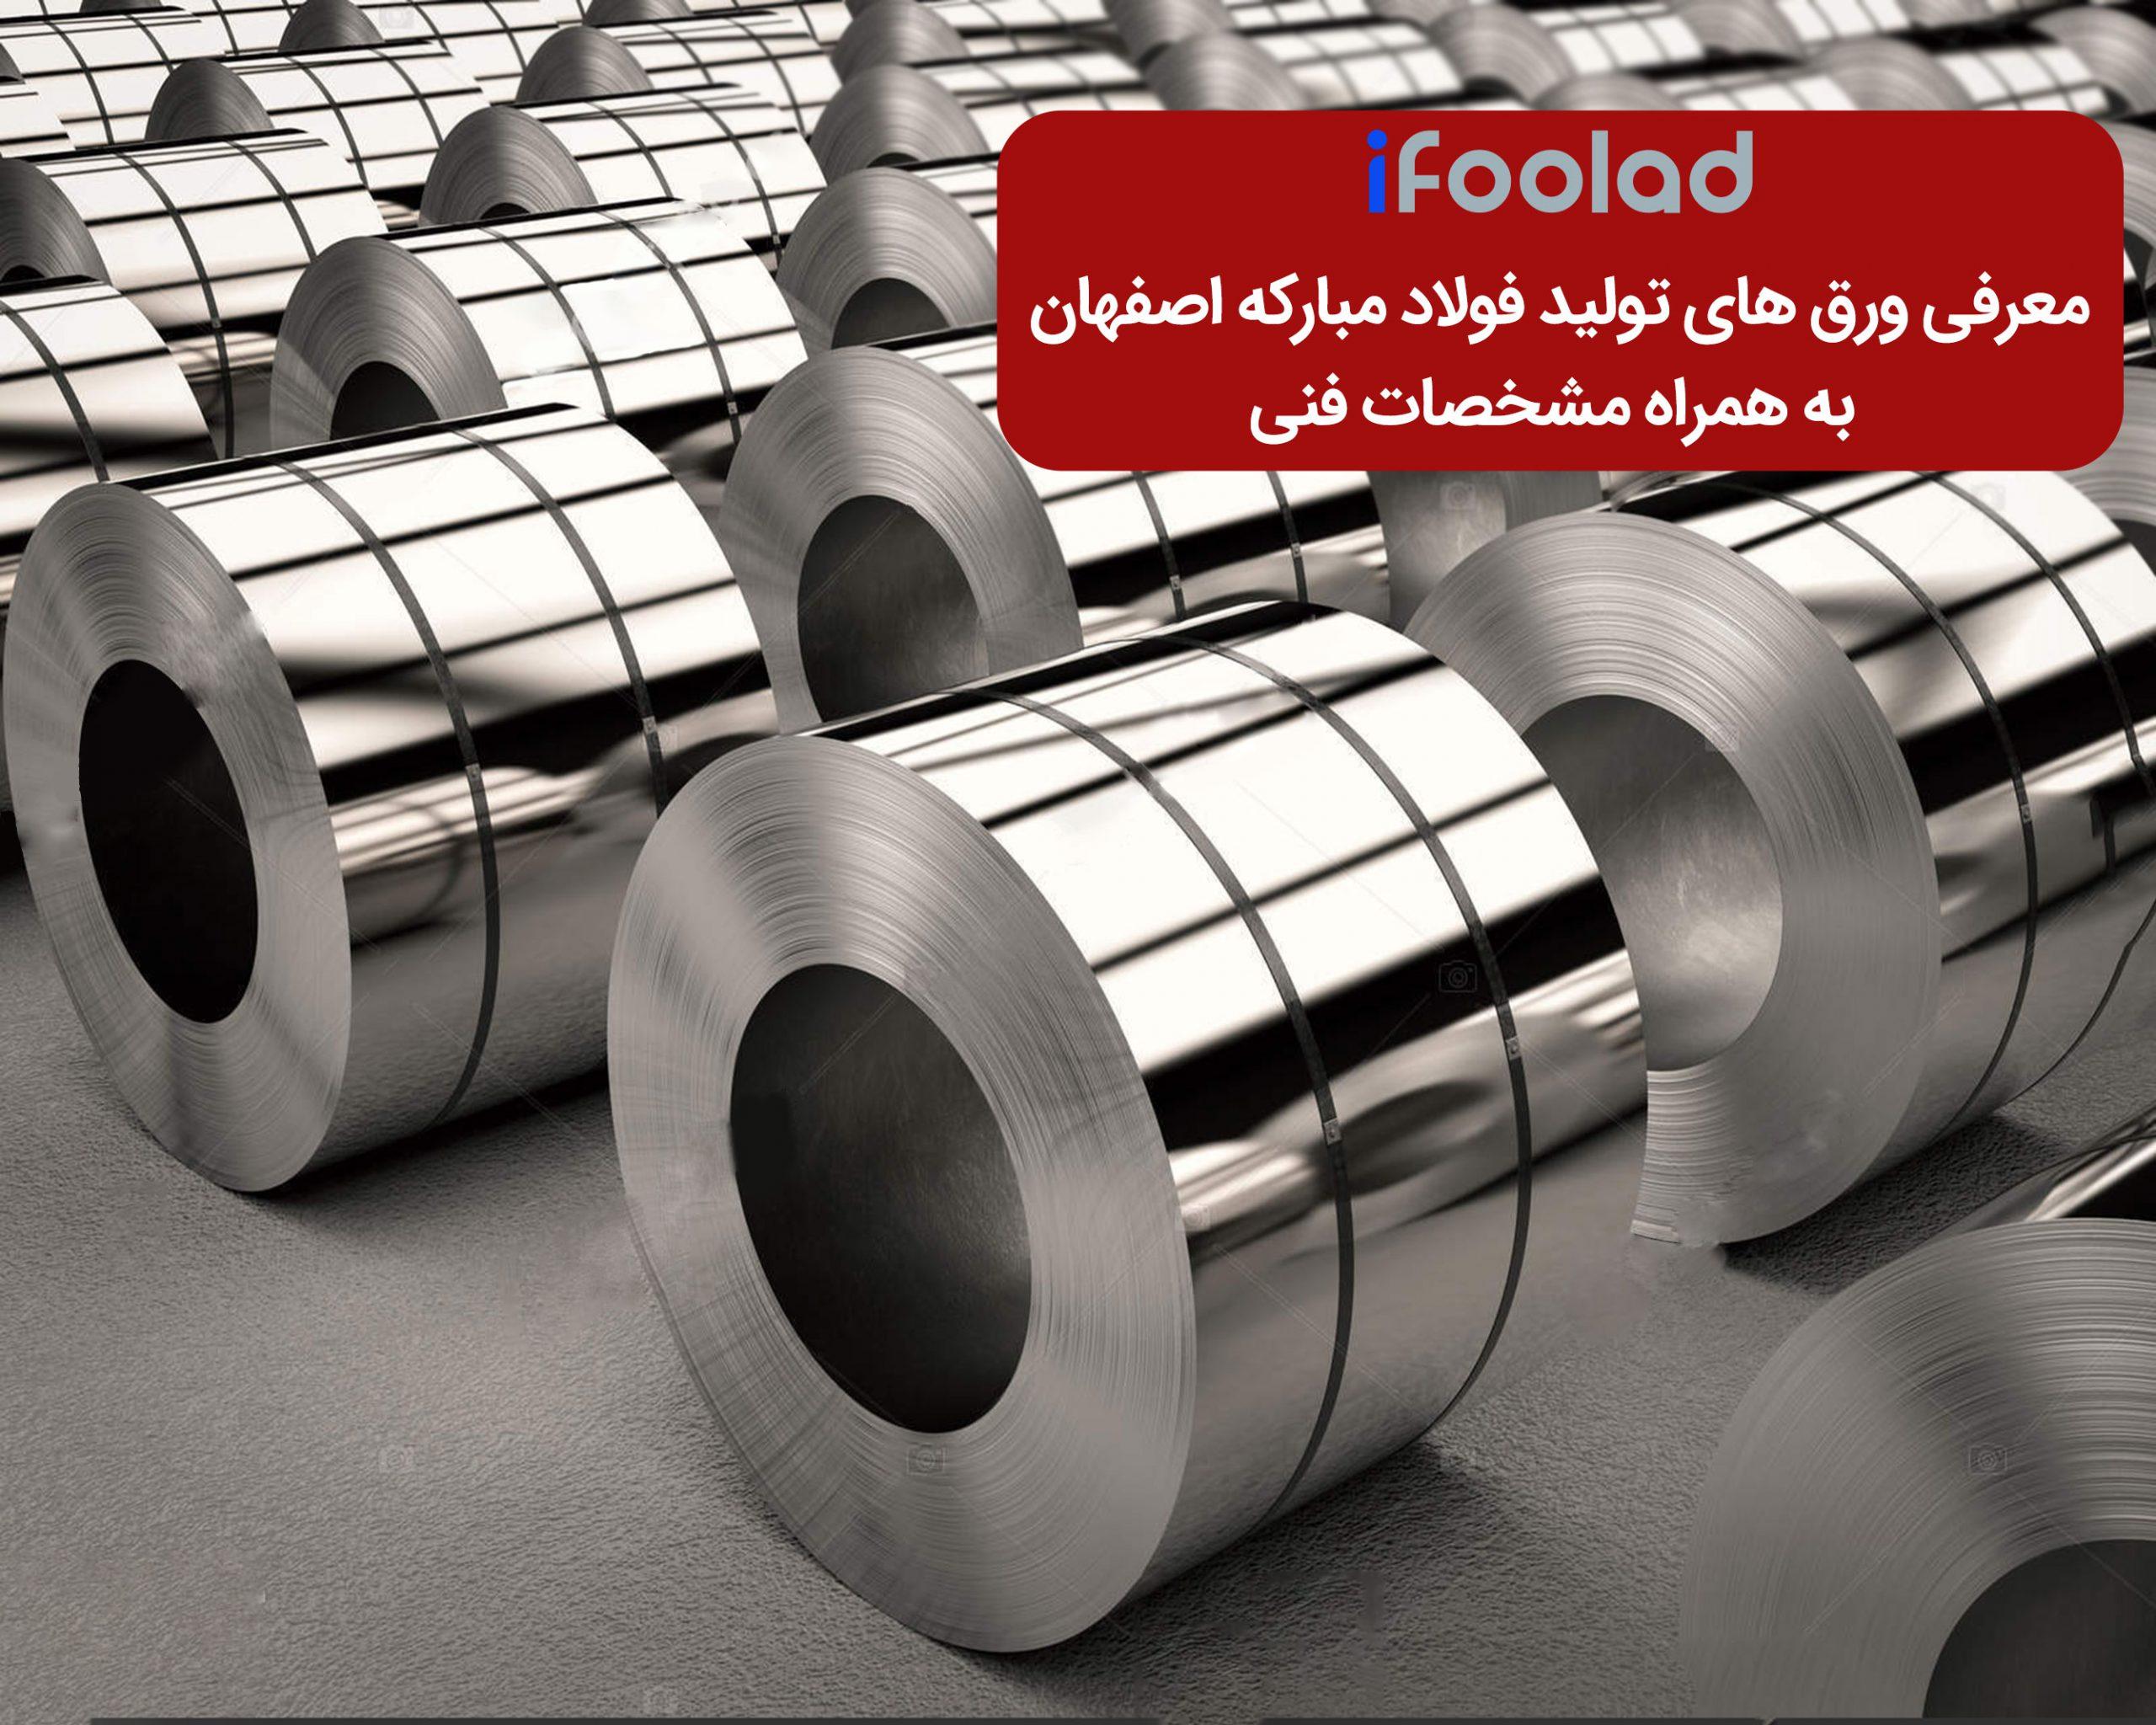 معرفی ورق های تولید فولاد مبارکه اصفهان به همراه مشخصات فنی